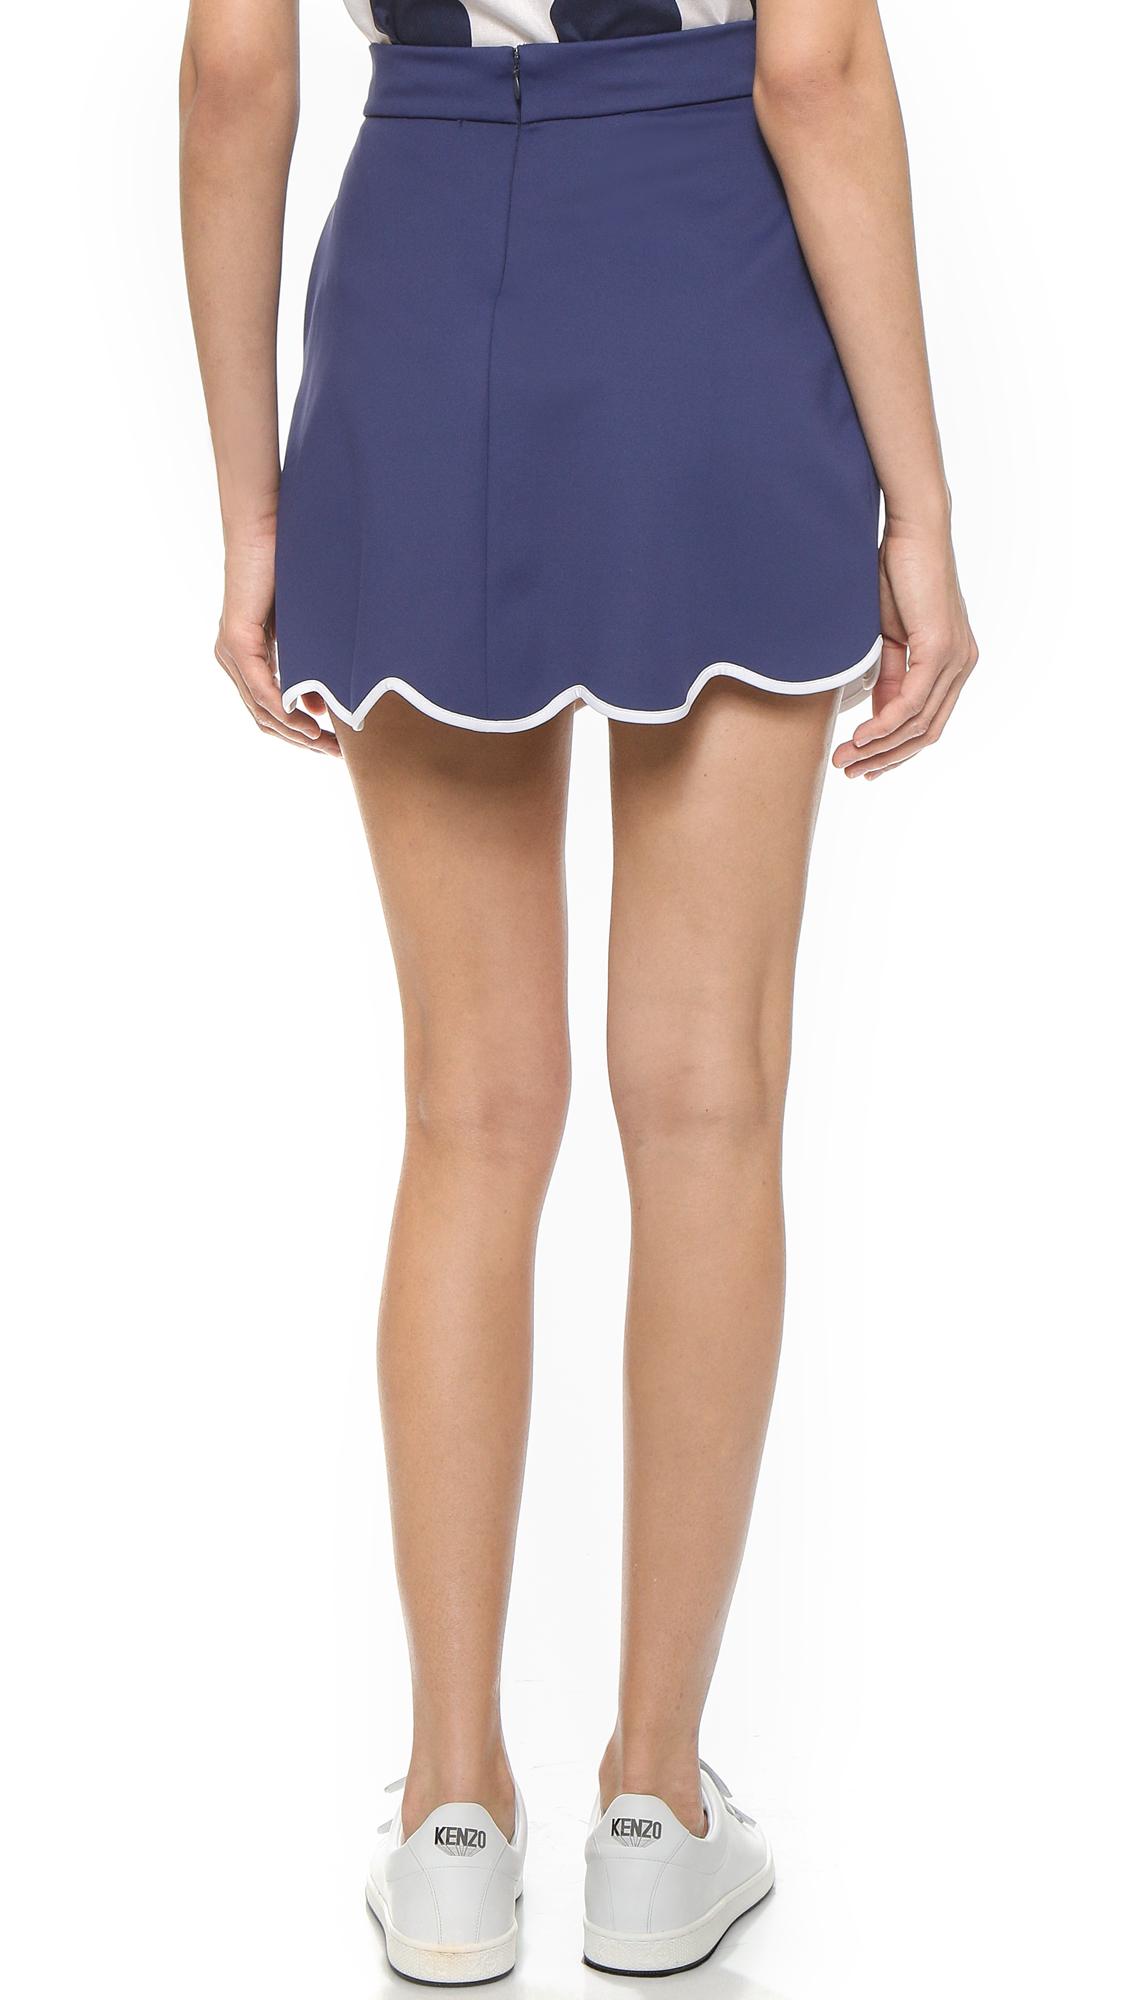 kenzo jersey skirt in blue lyst